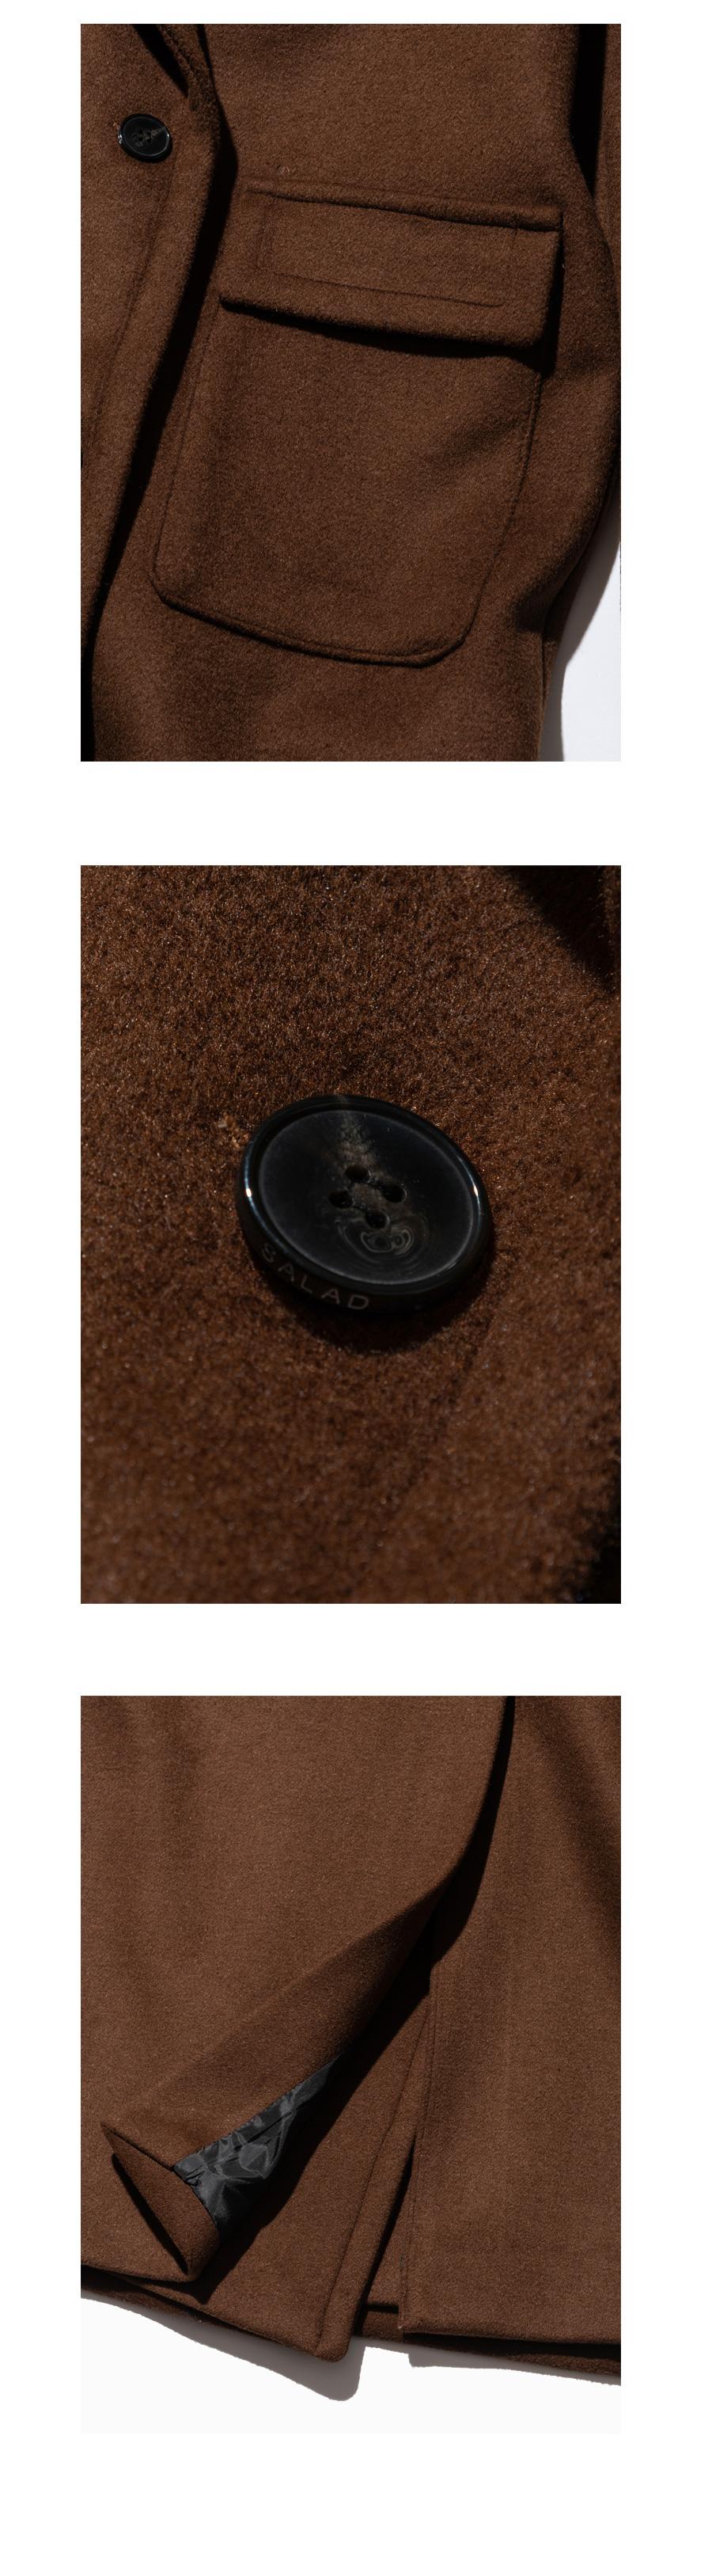 샐러드볼(SALAD BOWLS) 18 시그니쳐 코트 [블랙]